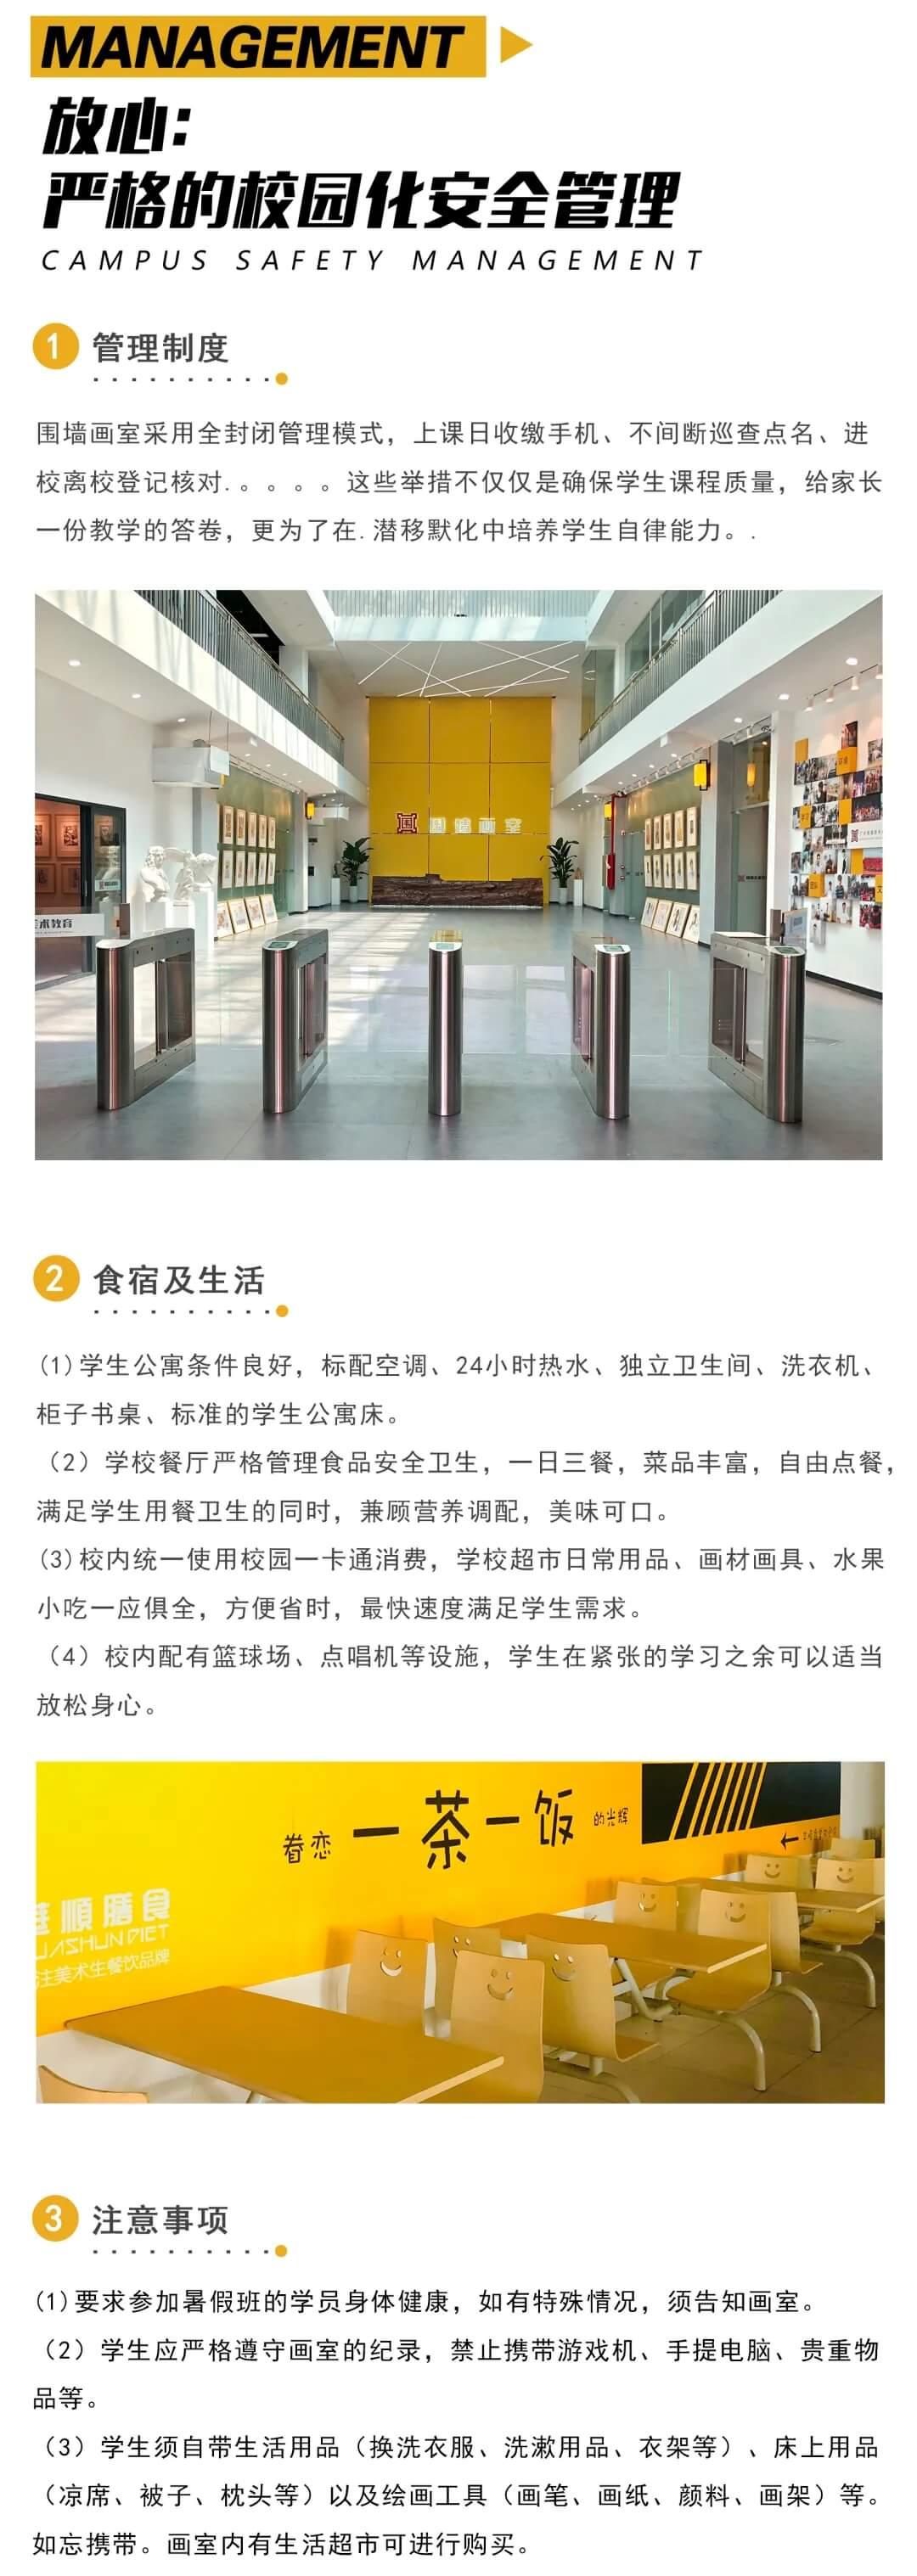 广州艺考画室,广州暑假班画室,广州美术画室,04